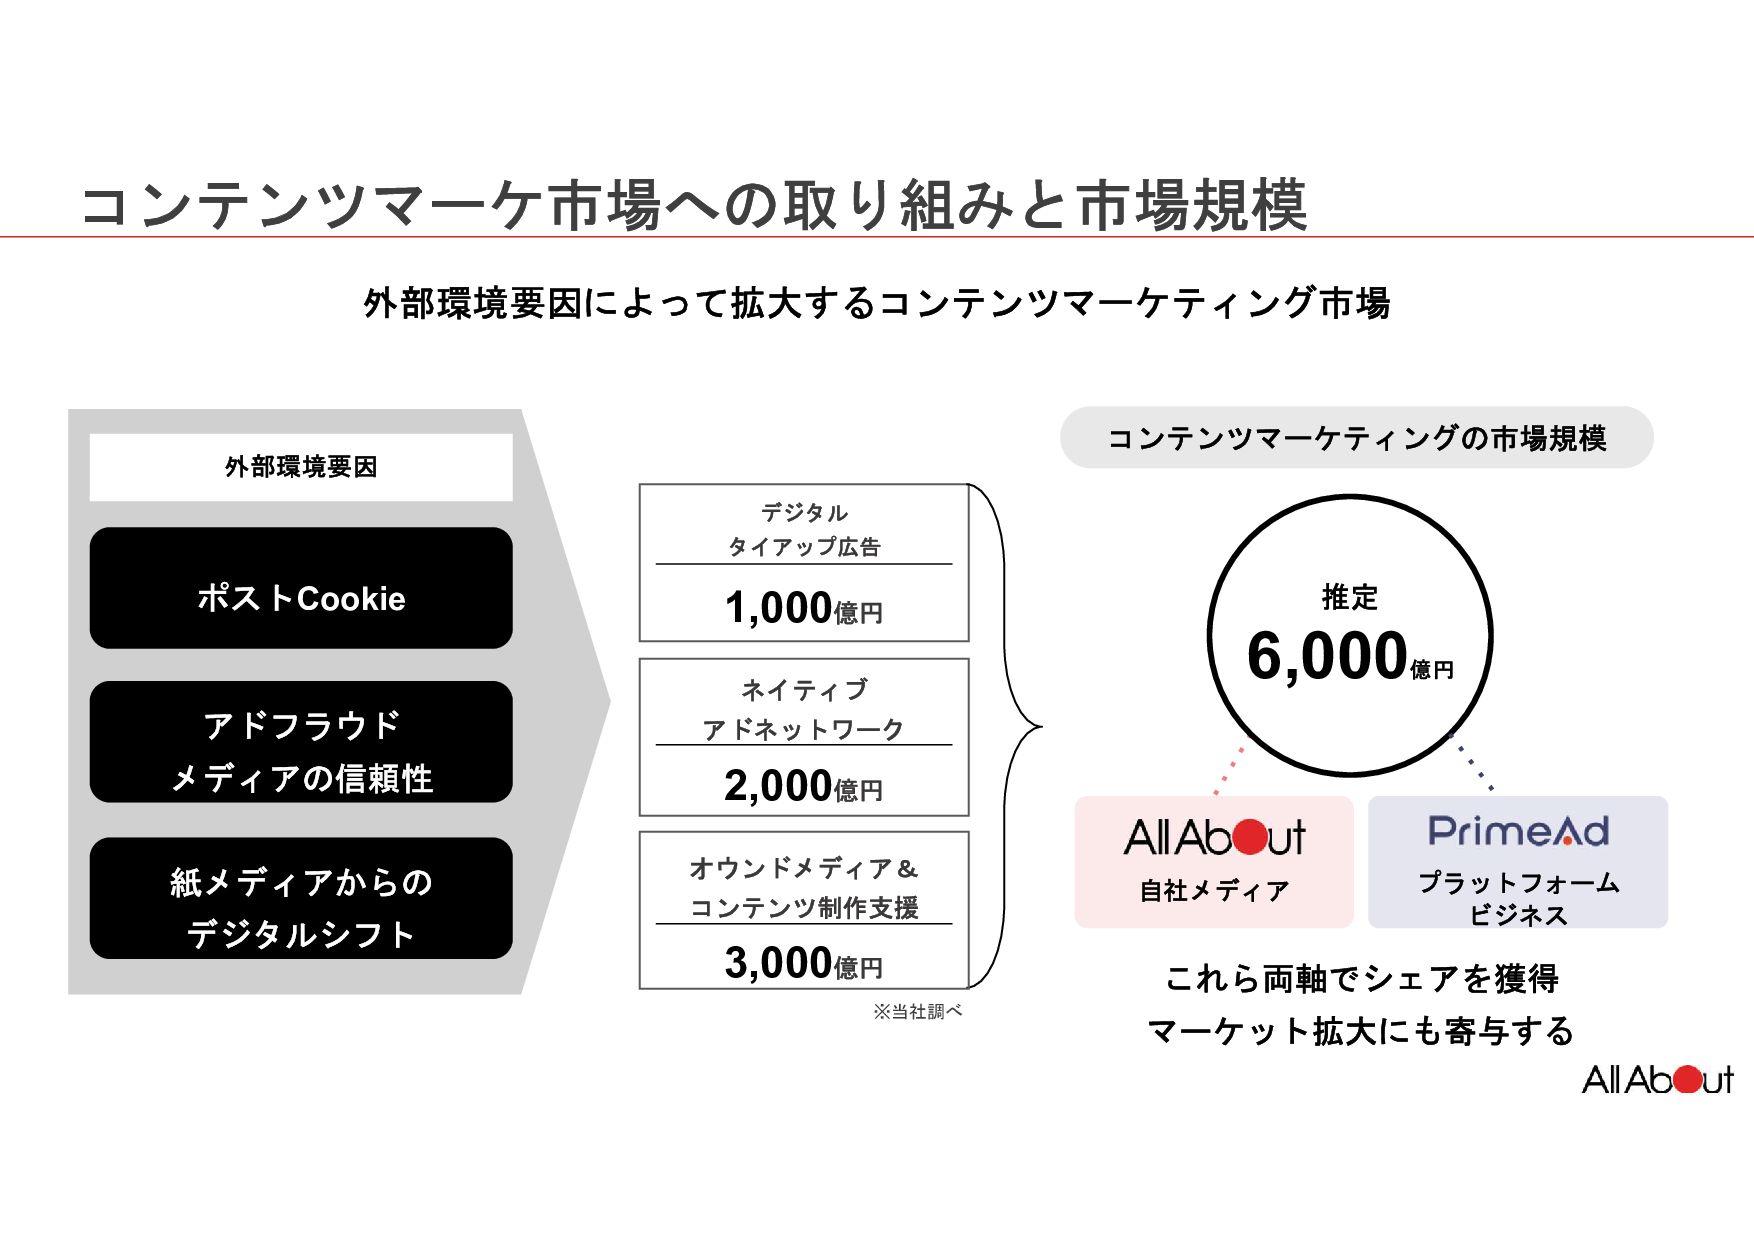 継続して伸長し、2020年には全体で前年比111.0%、1兆8,459億円になると予測 インタ...